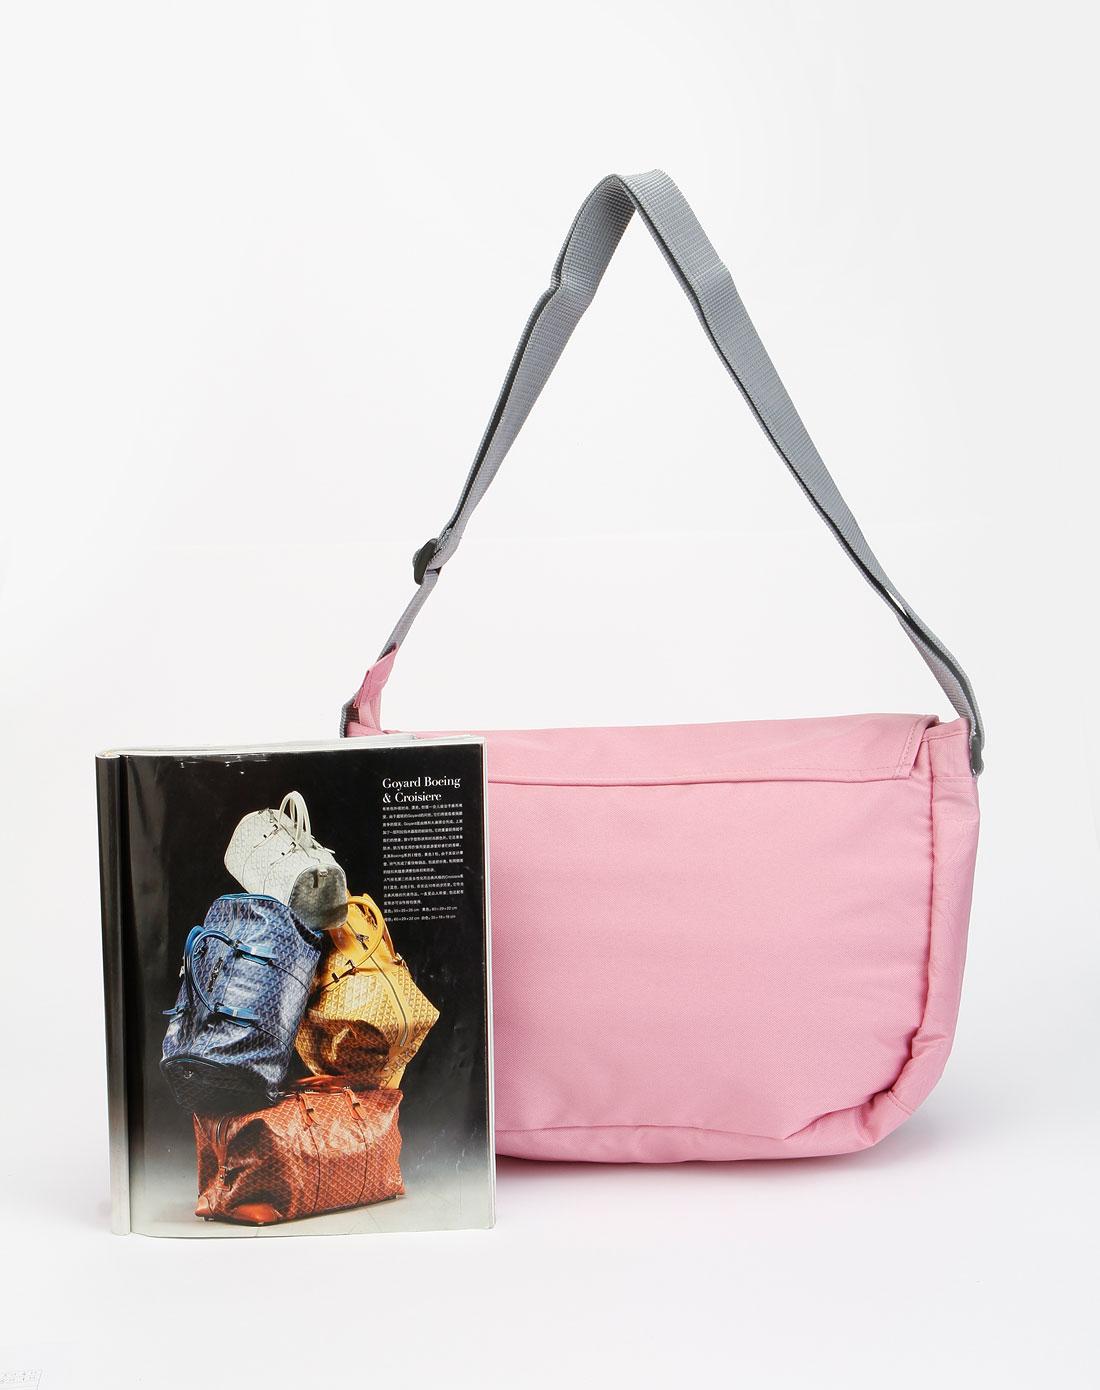 卡帕kappa粉红色时尚单肩包k01